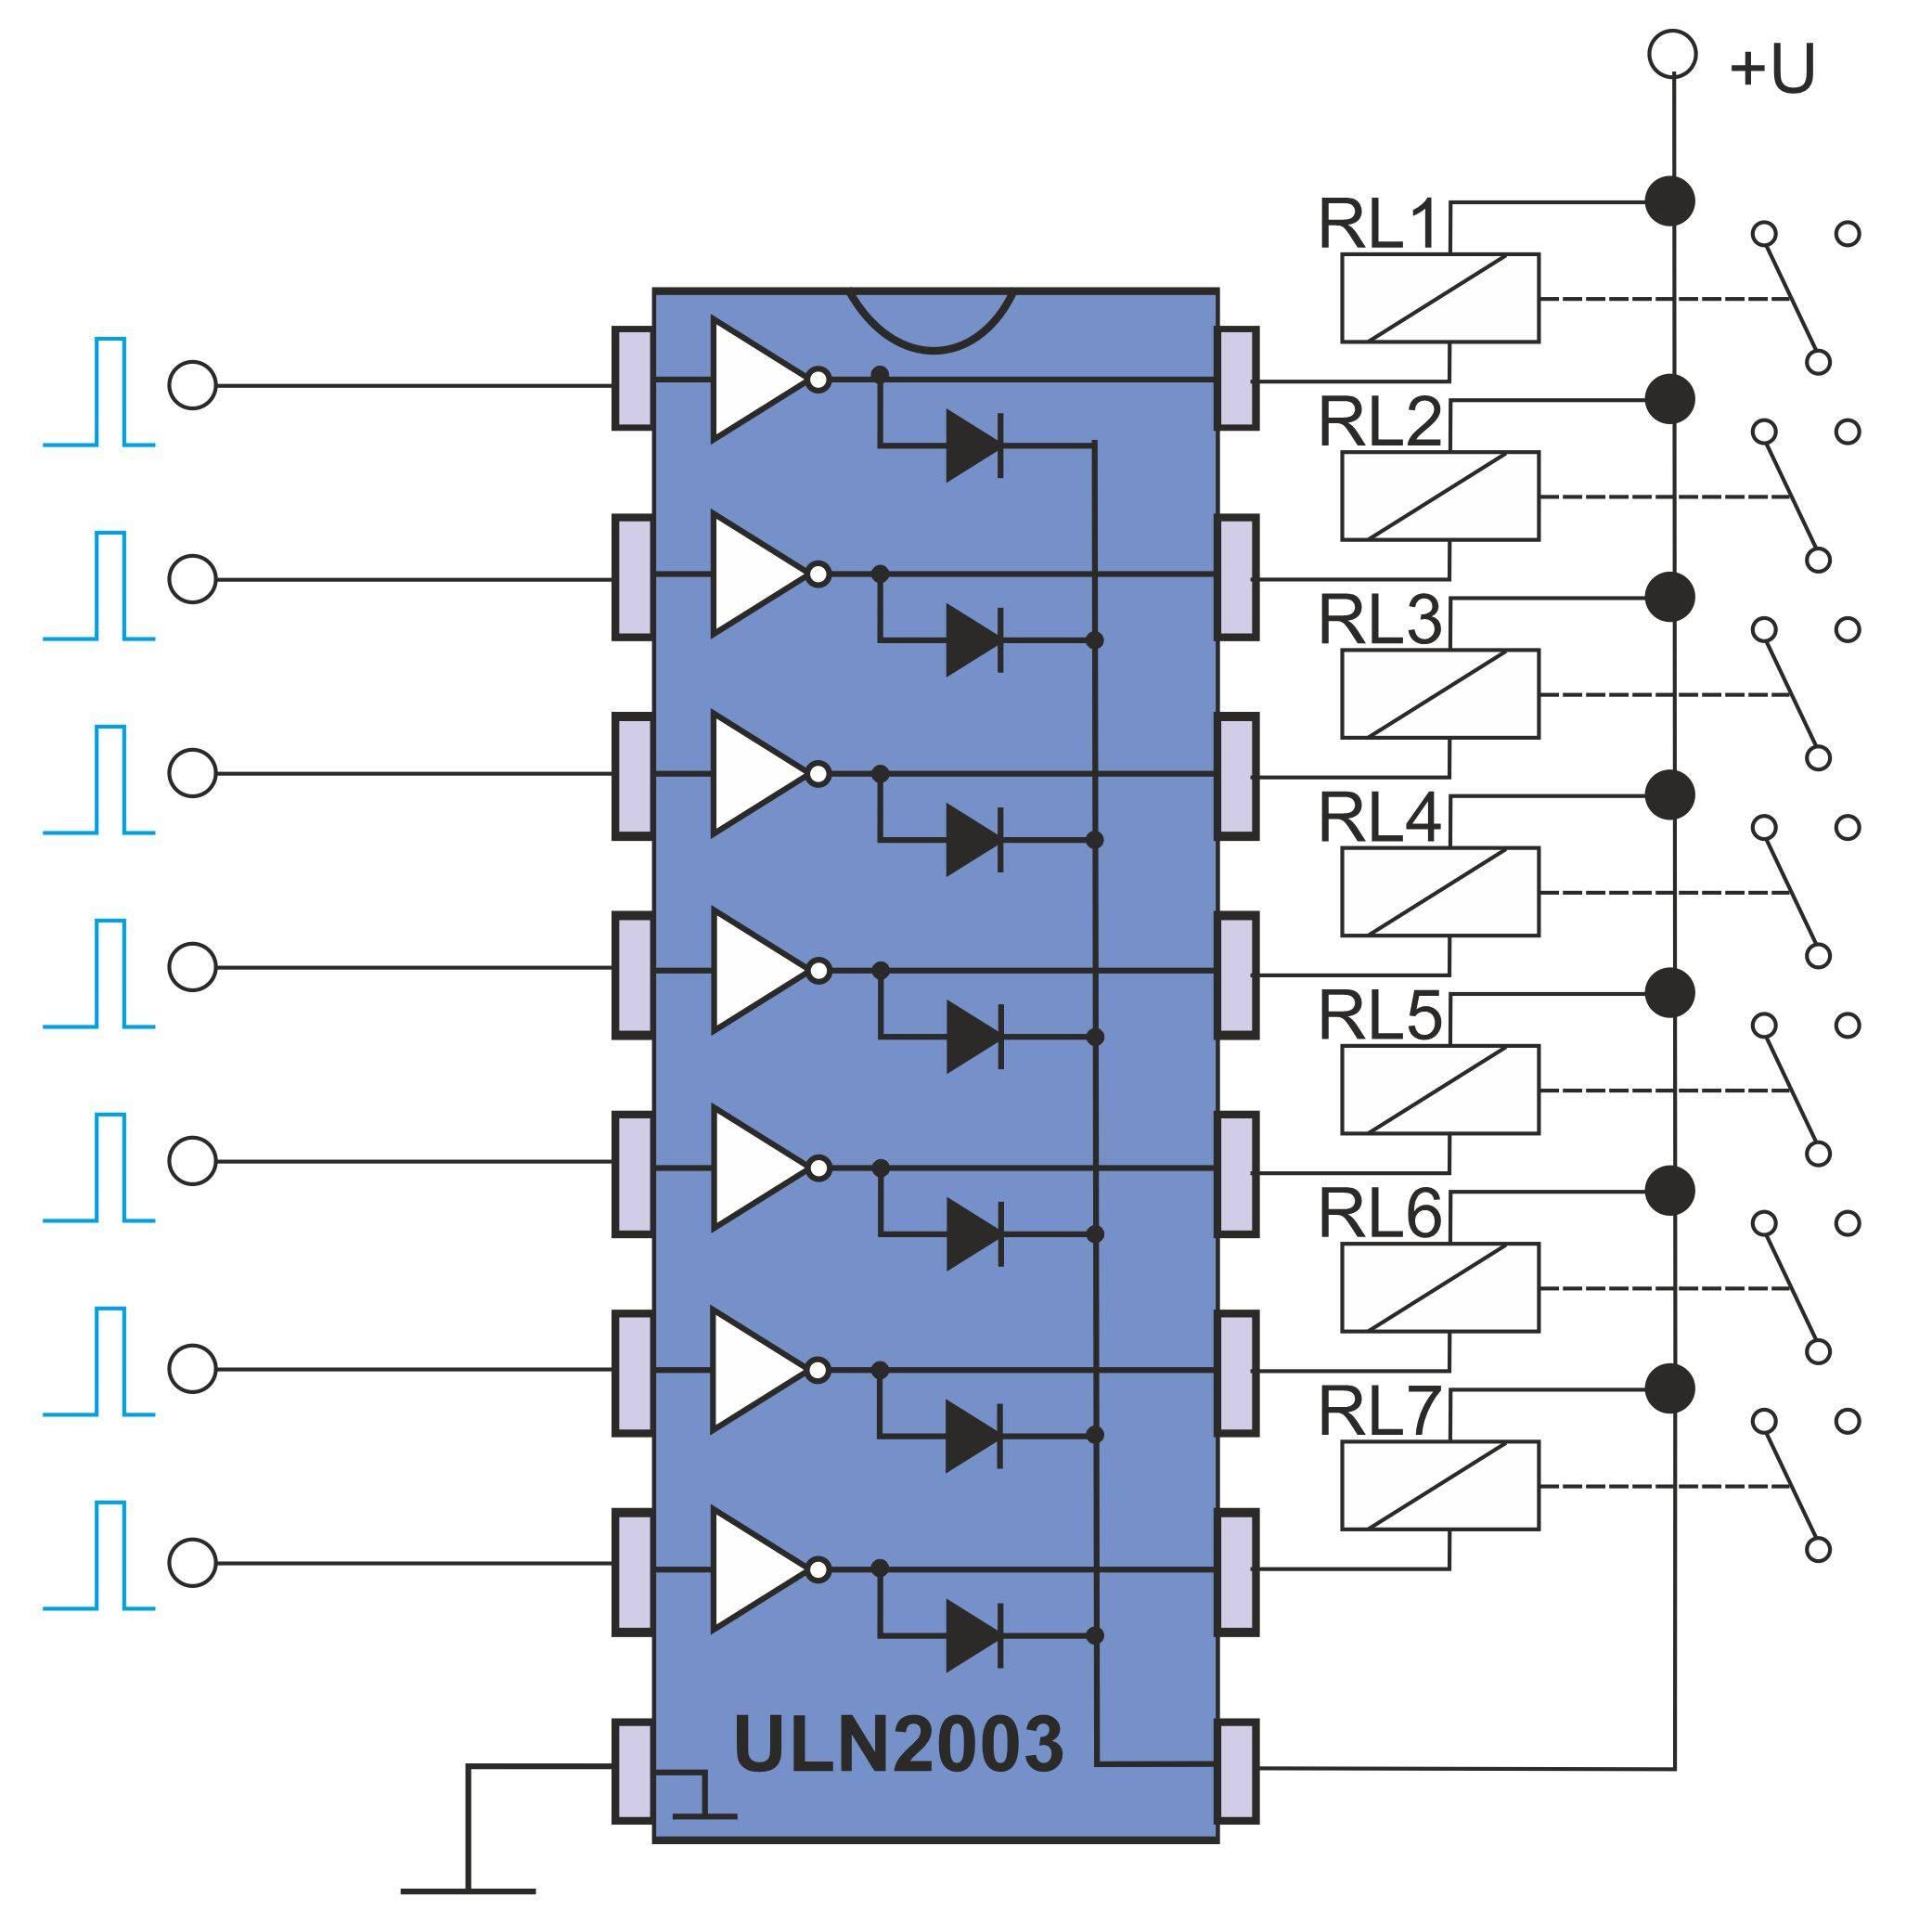 Anschluss induktiver Lasten am ULN2003